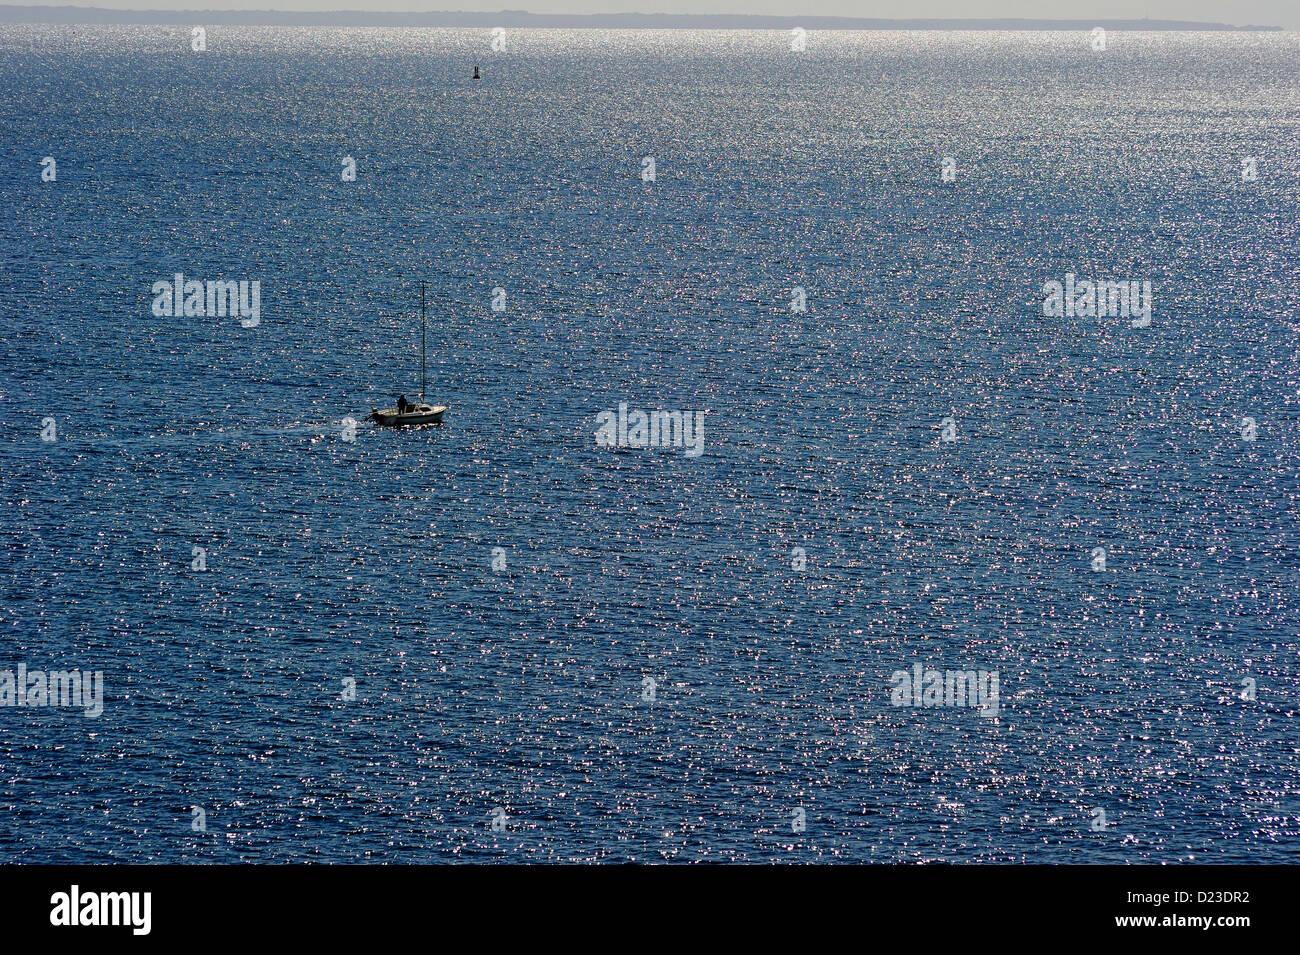 Atlantik-unendlich weiter Blick über die See mit einem einzigen Segelboot - Stock Image